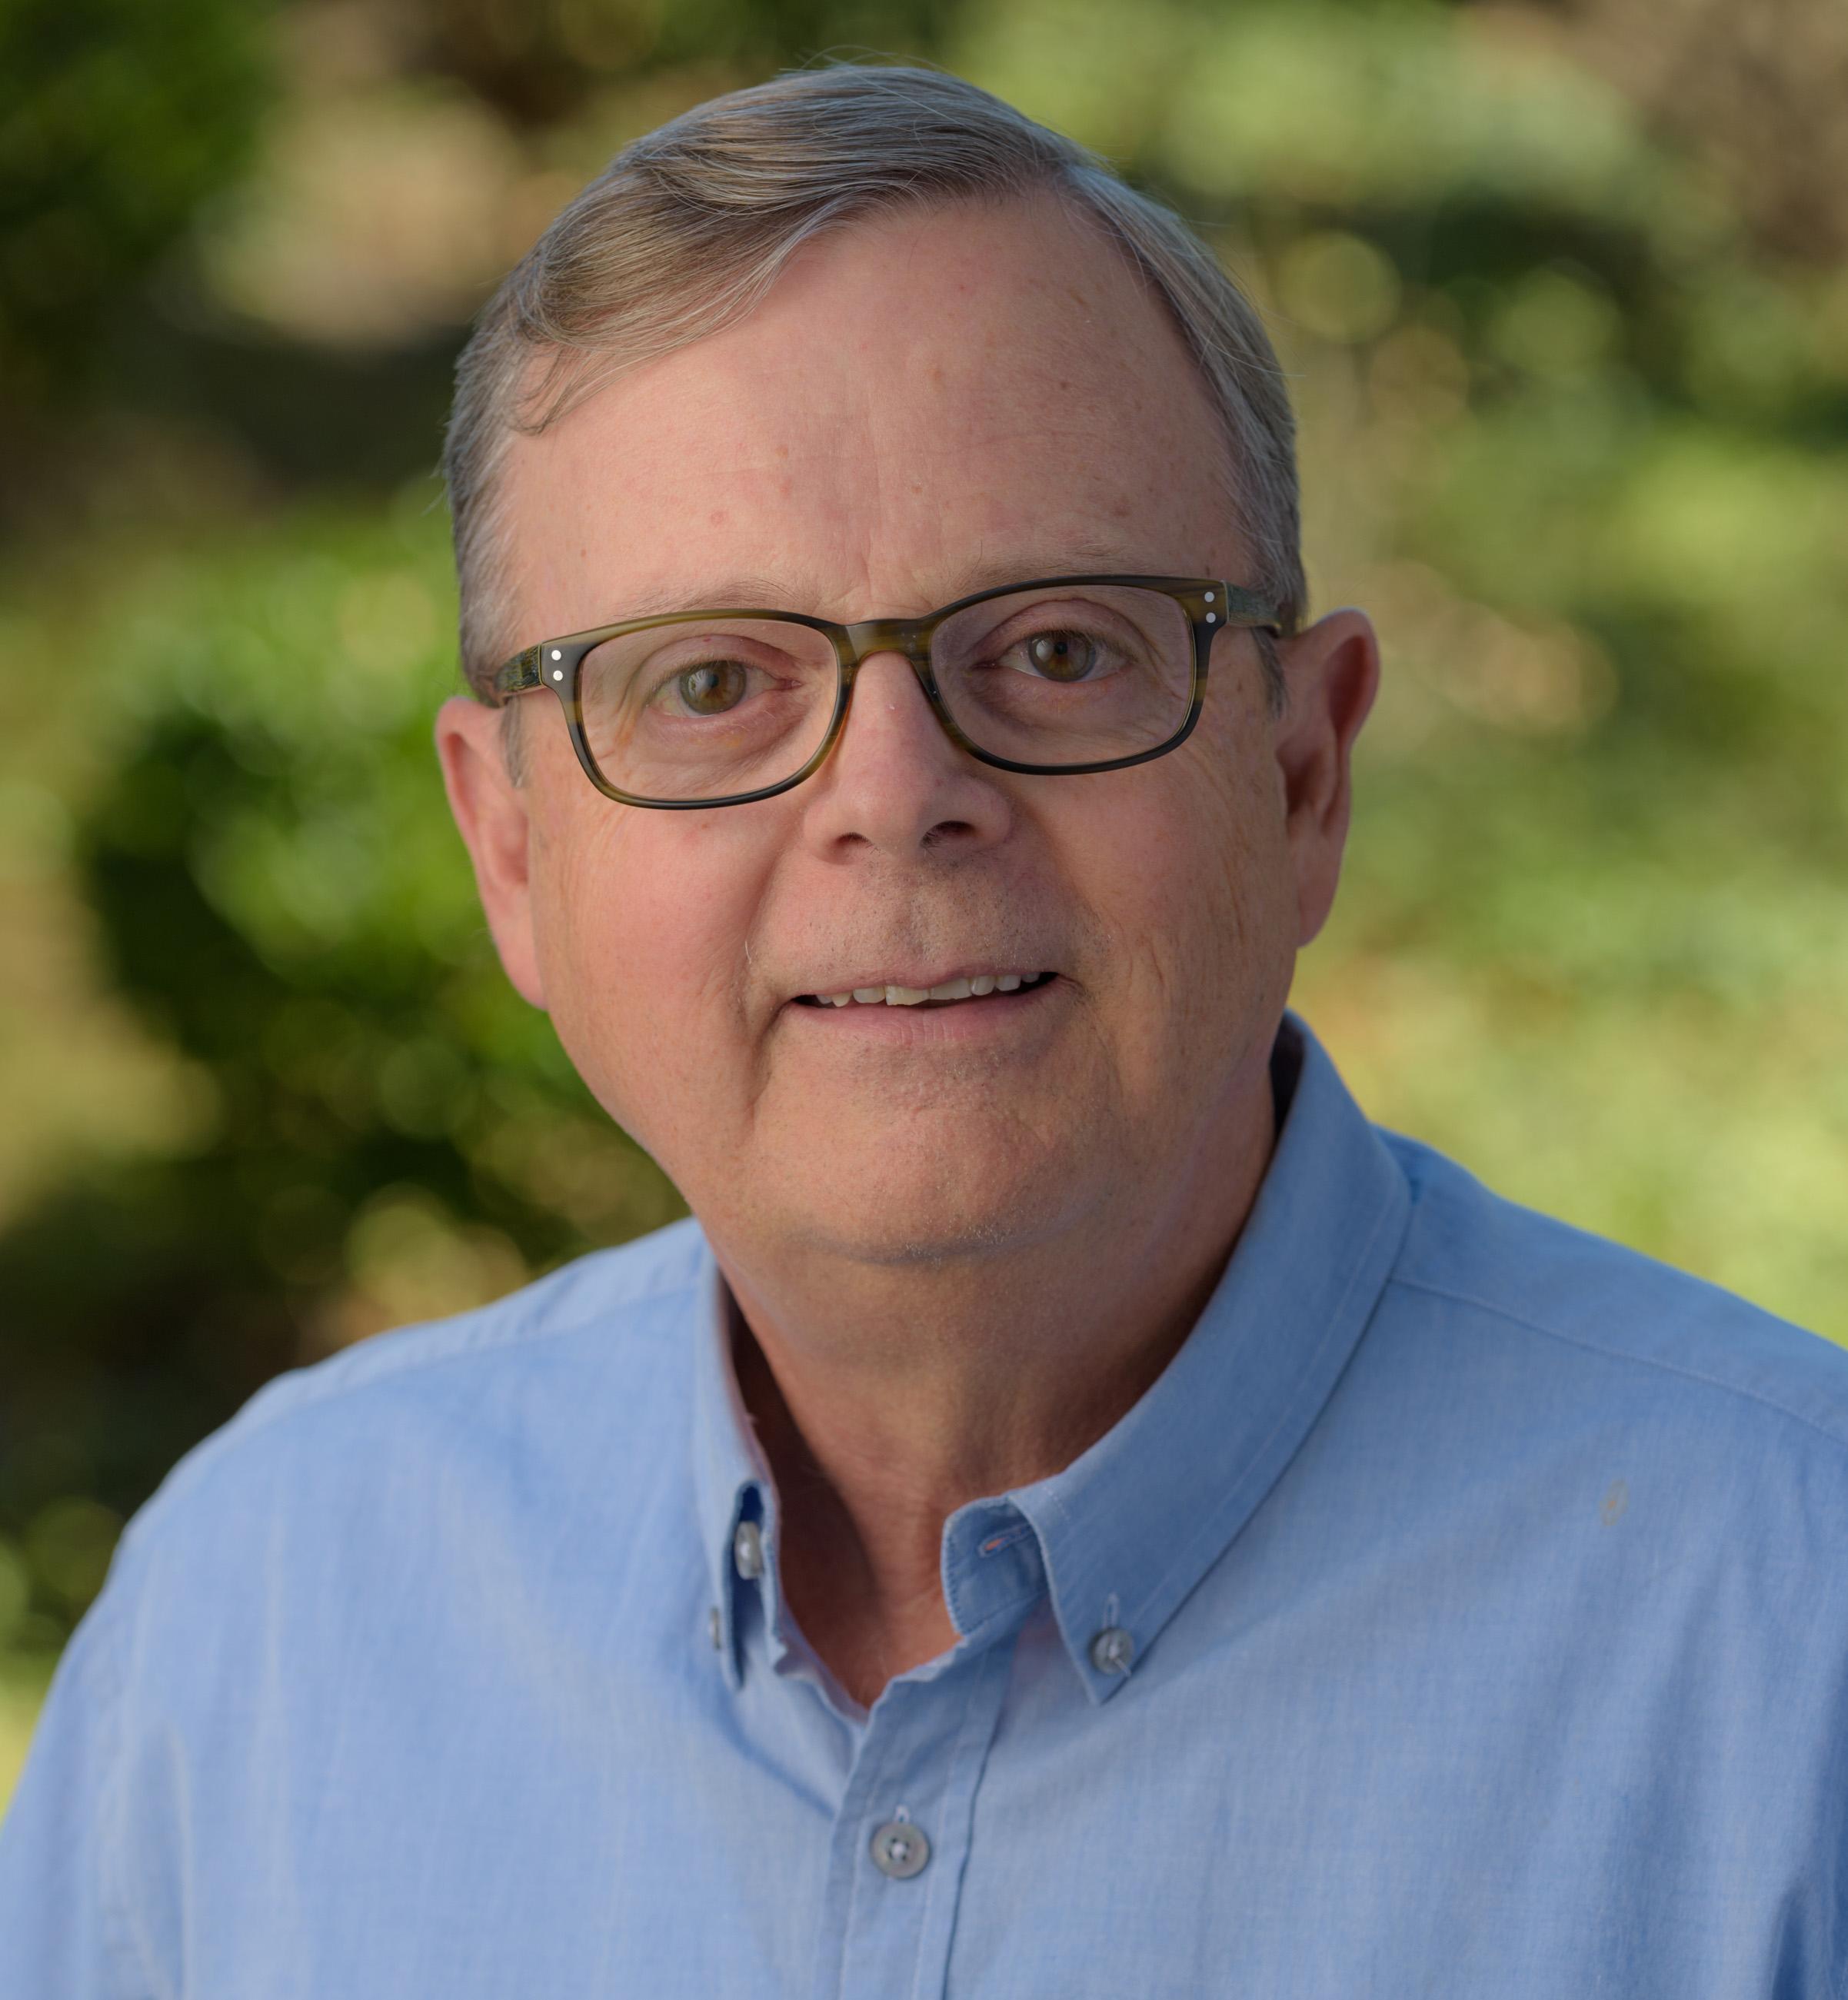 Robert Bowen